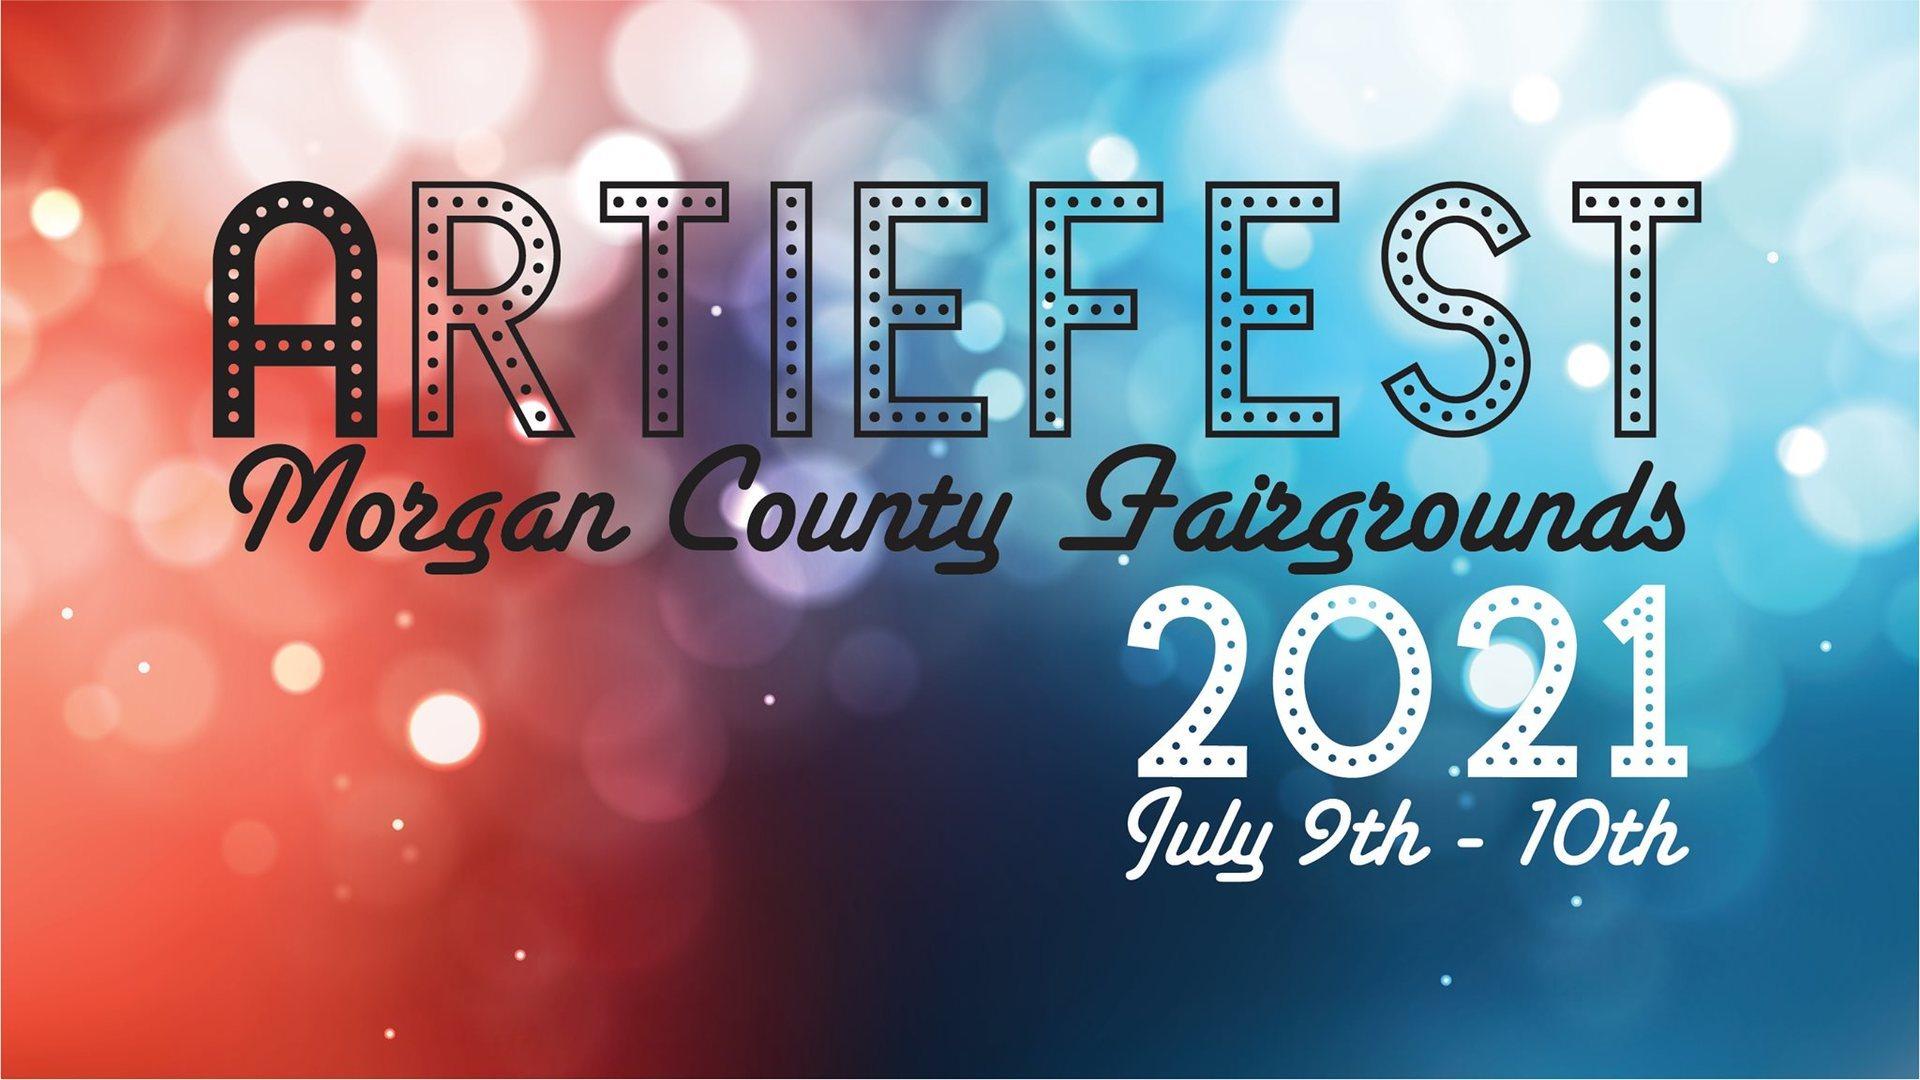 Artie Fest - Martinsville, Indiana